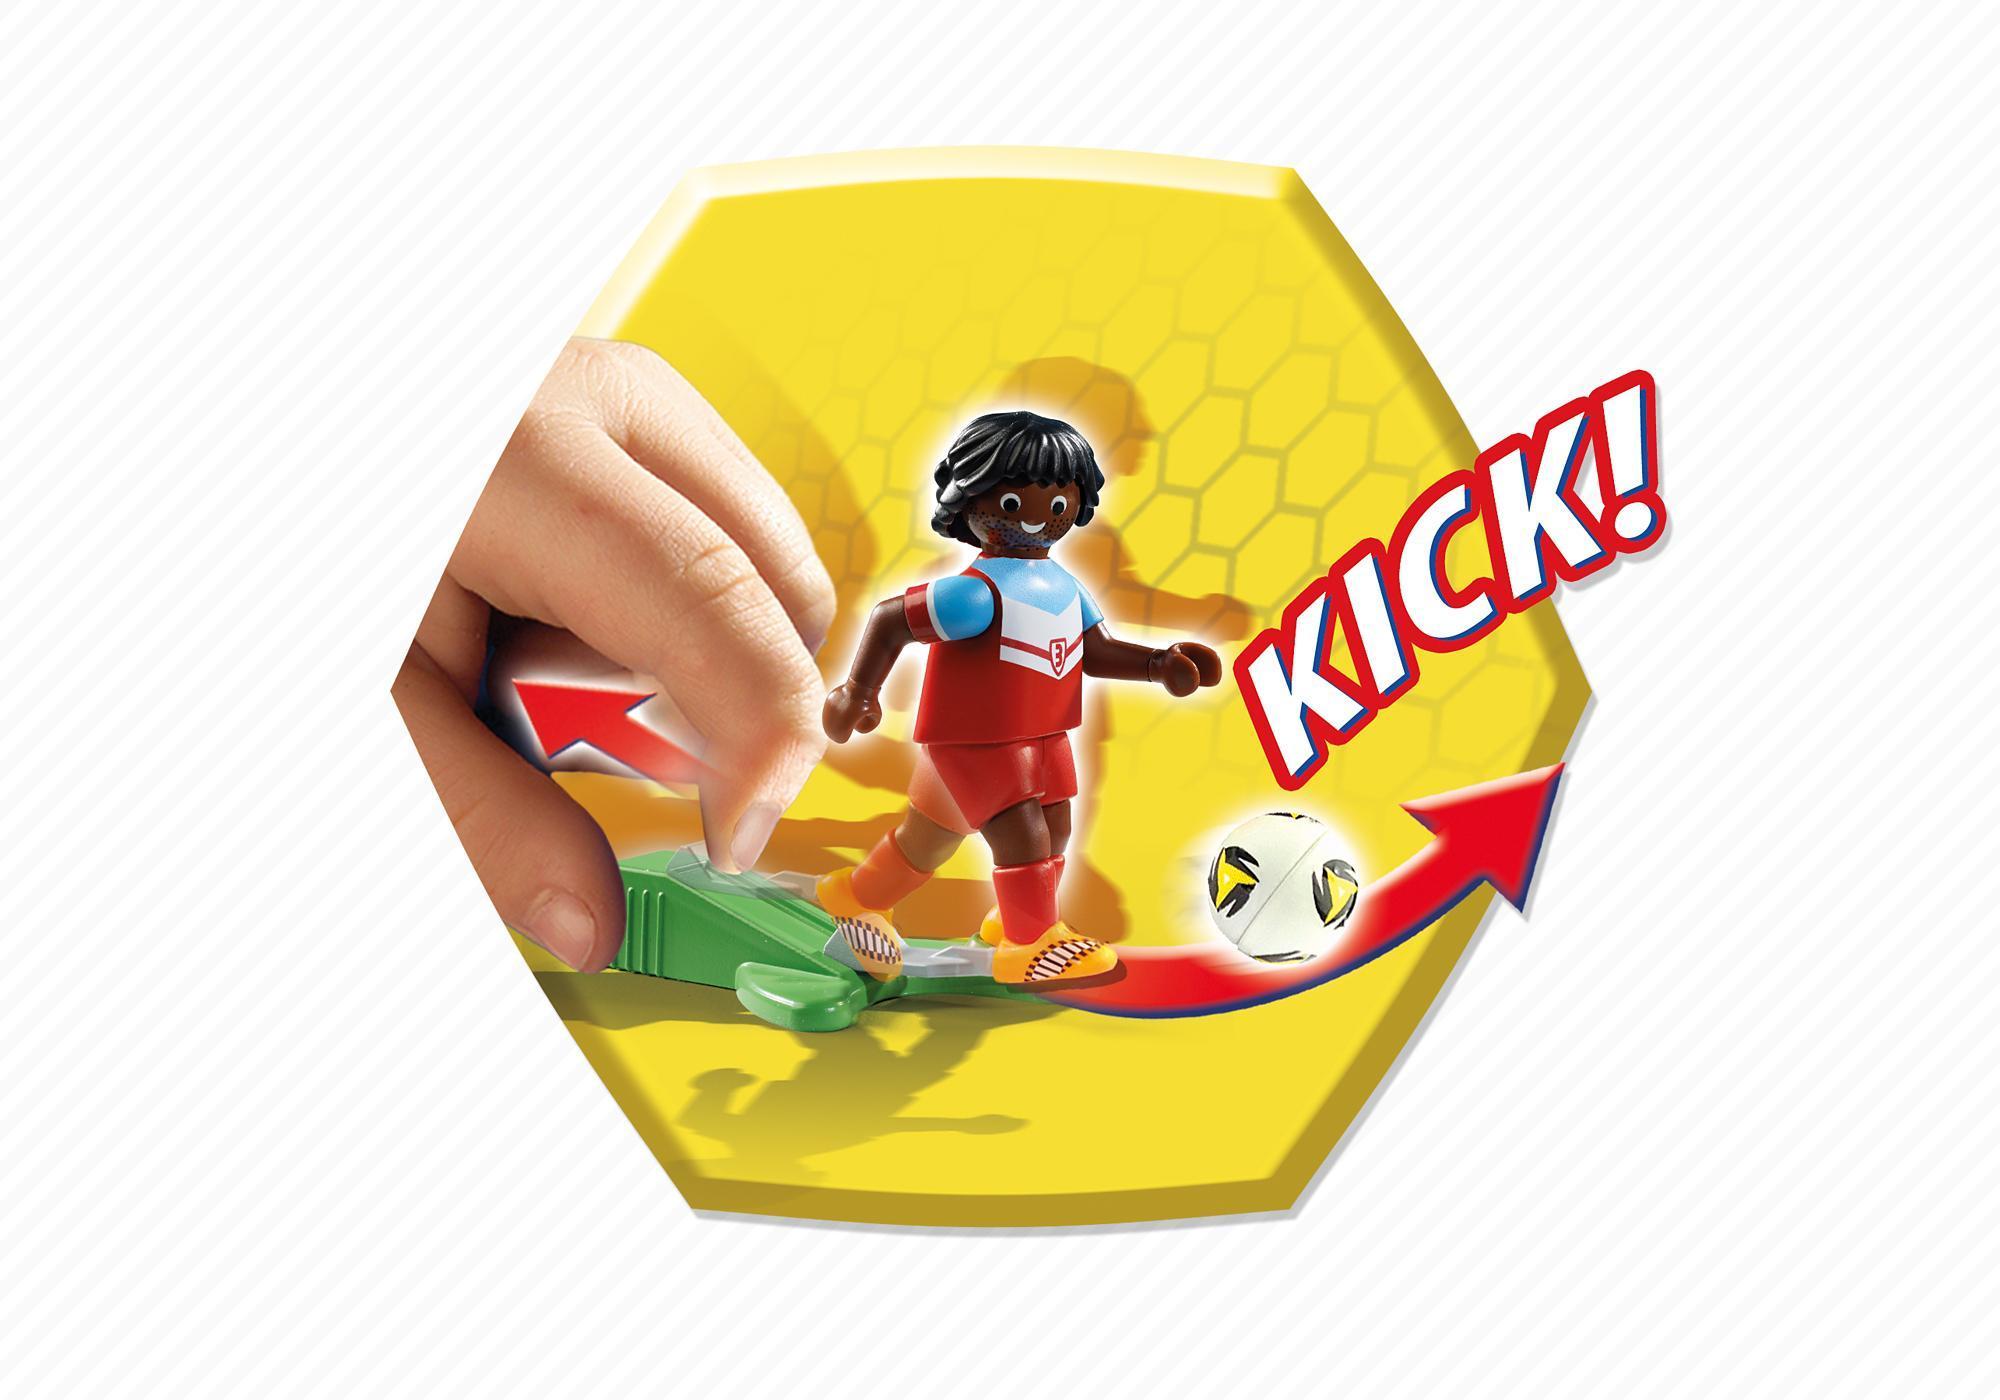 http://media.playmobil.com/i/playmobil/6857_product_extra3/Mala Campo de Futebol